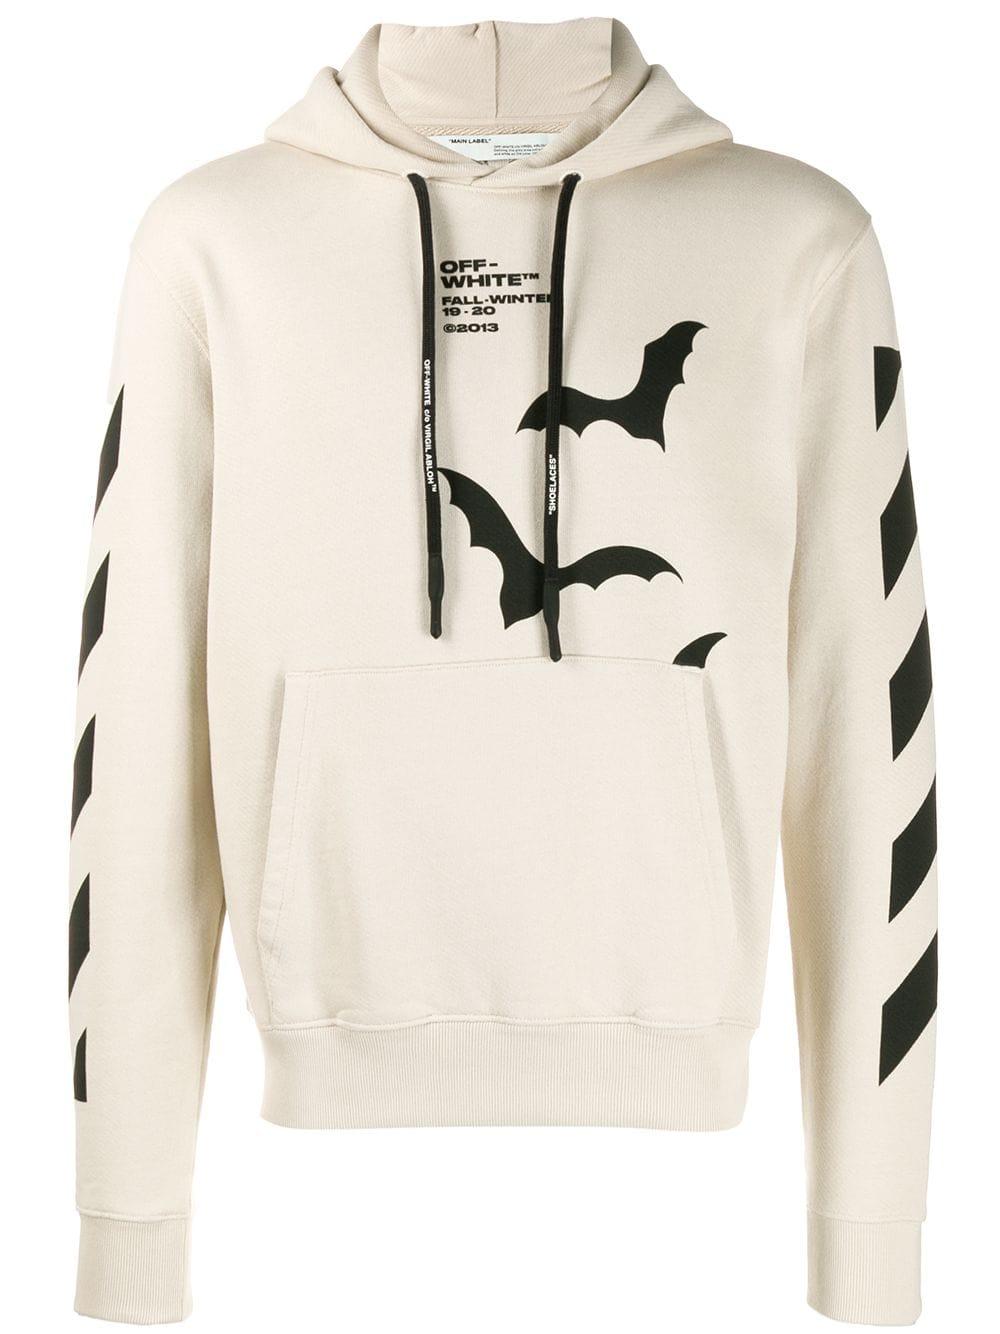 Off White Off White Bat Print Hoodie Neutrals Off White Cloth Hoodie Print Hoodies Trendy Hoodies [ 1334 x 1000 Pixel ]